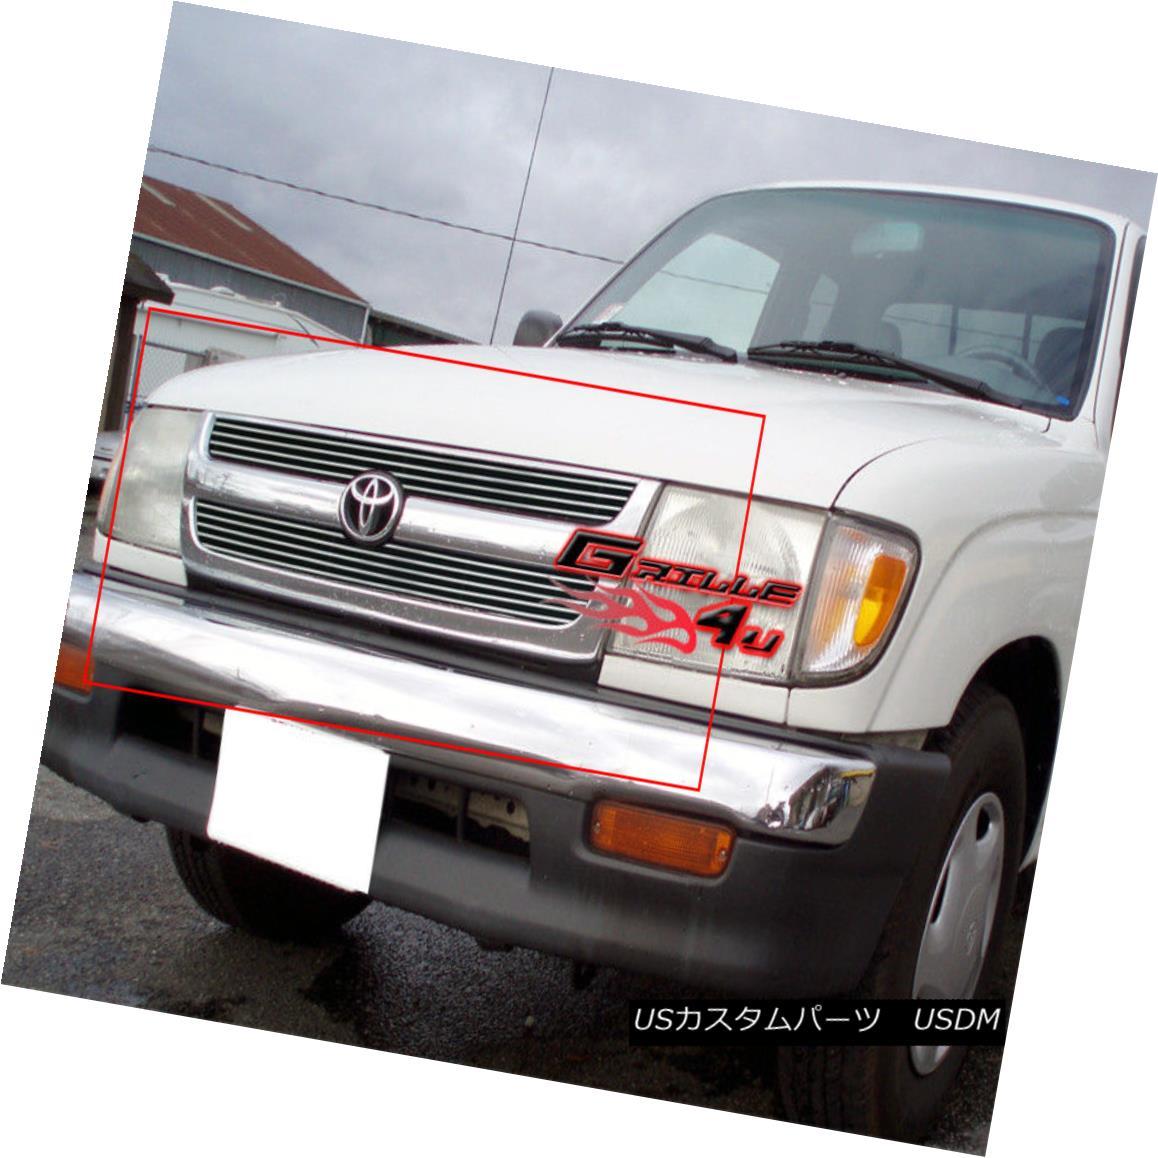 グリル Fits 98-00 Toyota Tacoma Regular Model Main Upper Billet Grille Insert フィット98-00トヨタタコマレギュラーモデルメインアッパービレットグリルインサート